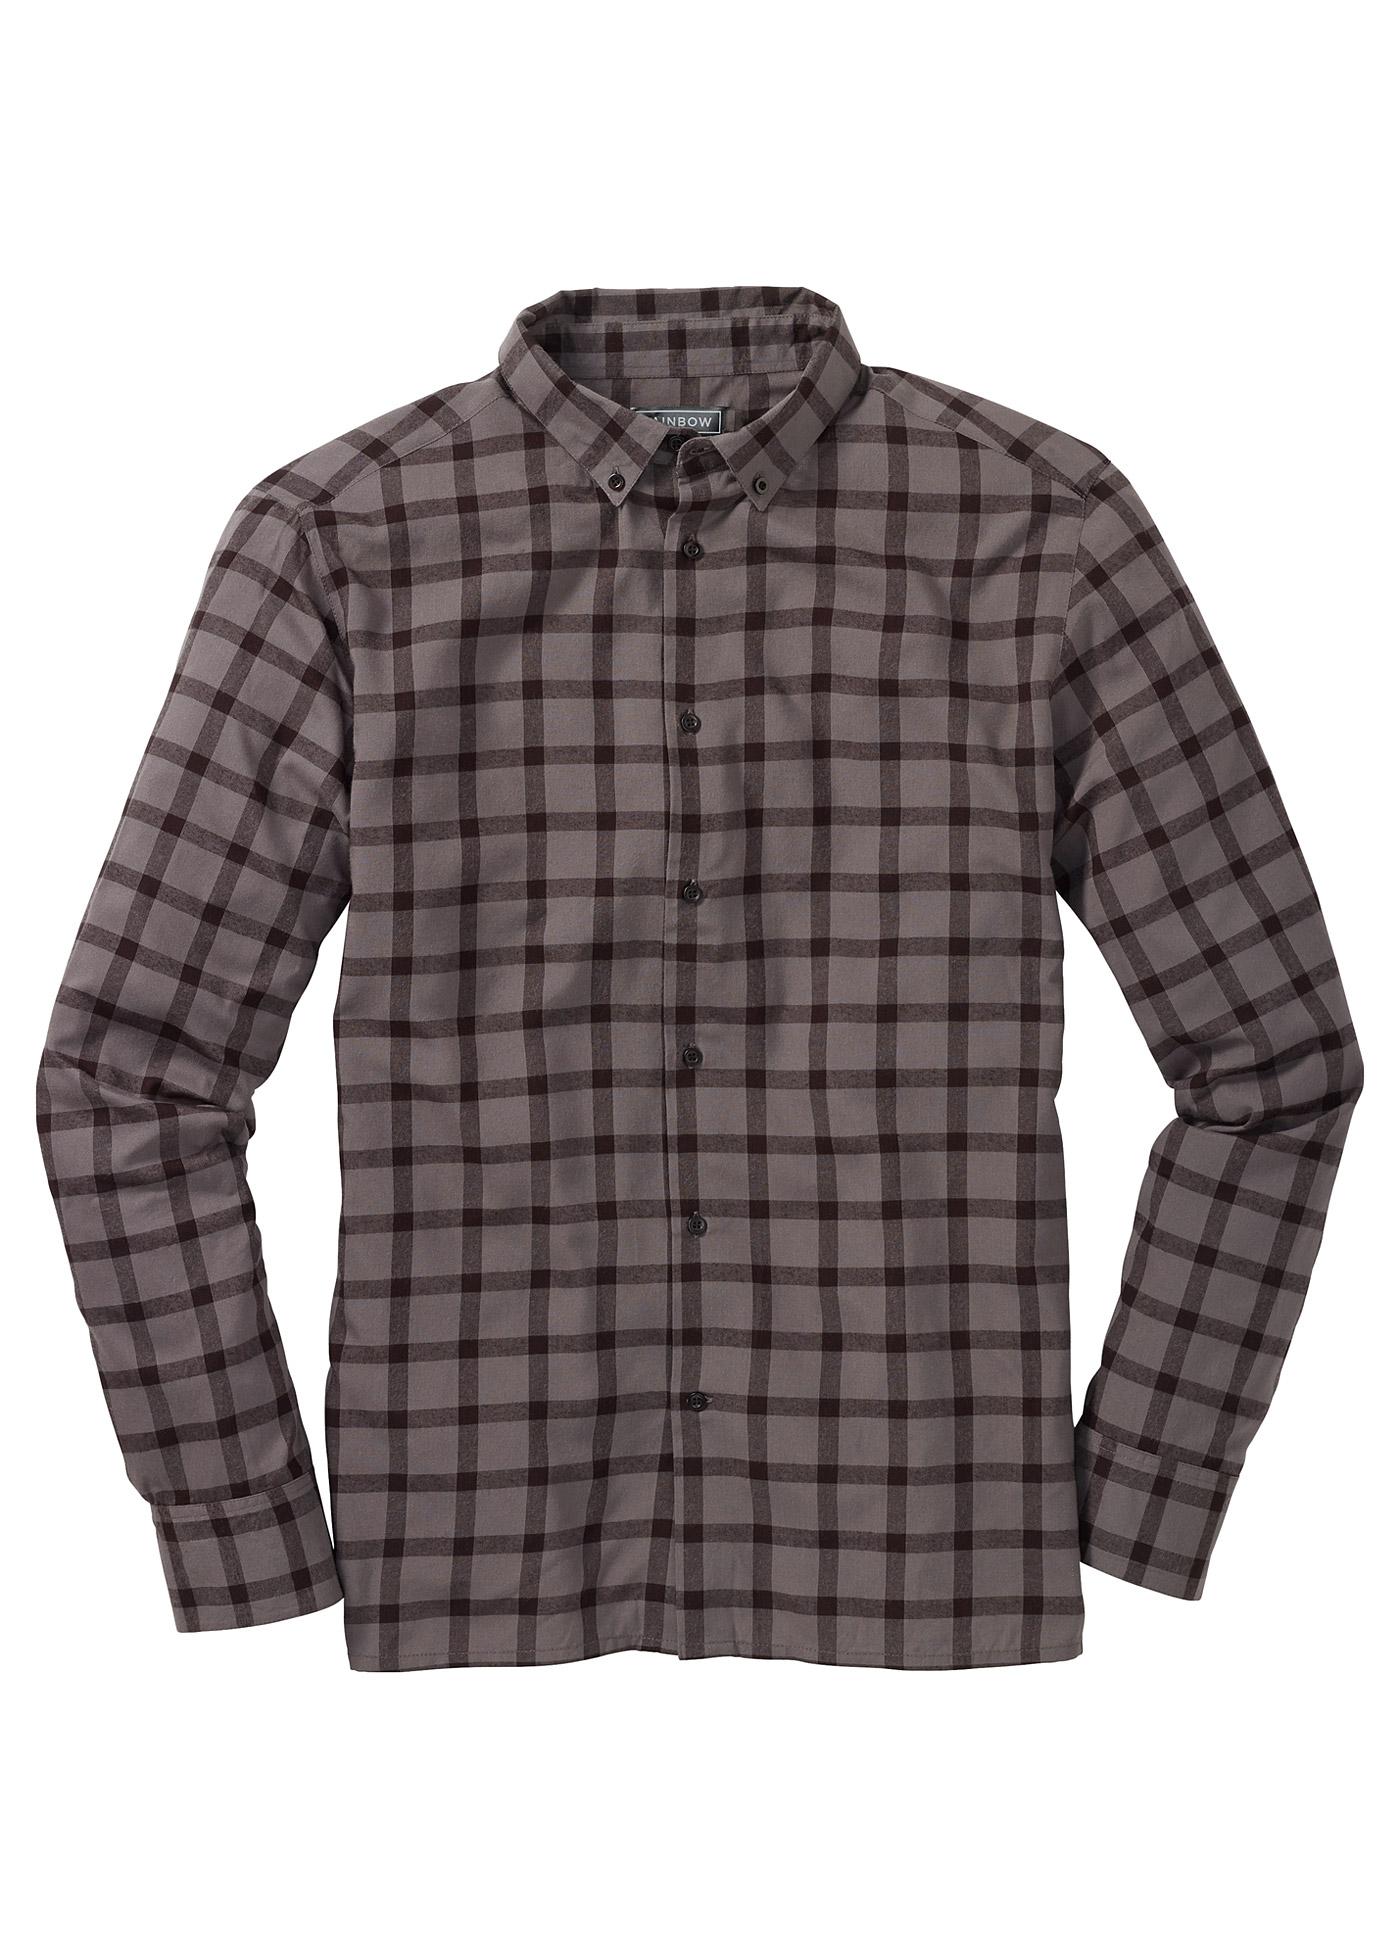 RAINBOW Langarmhemd in grau für Herren von bonprix Herrenmode Herrenbekleidung Herren Hemden Herren Hemd Langarm